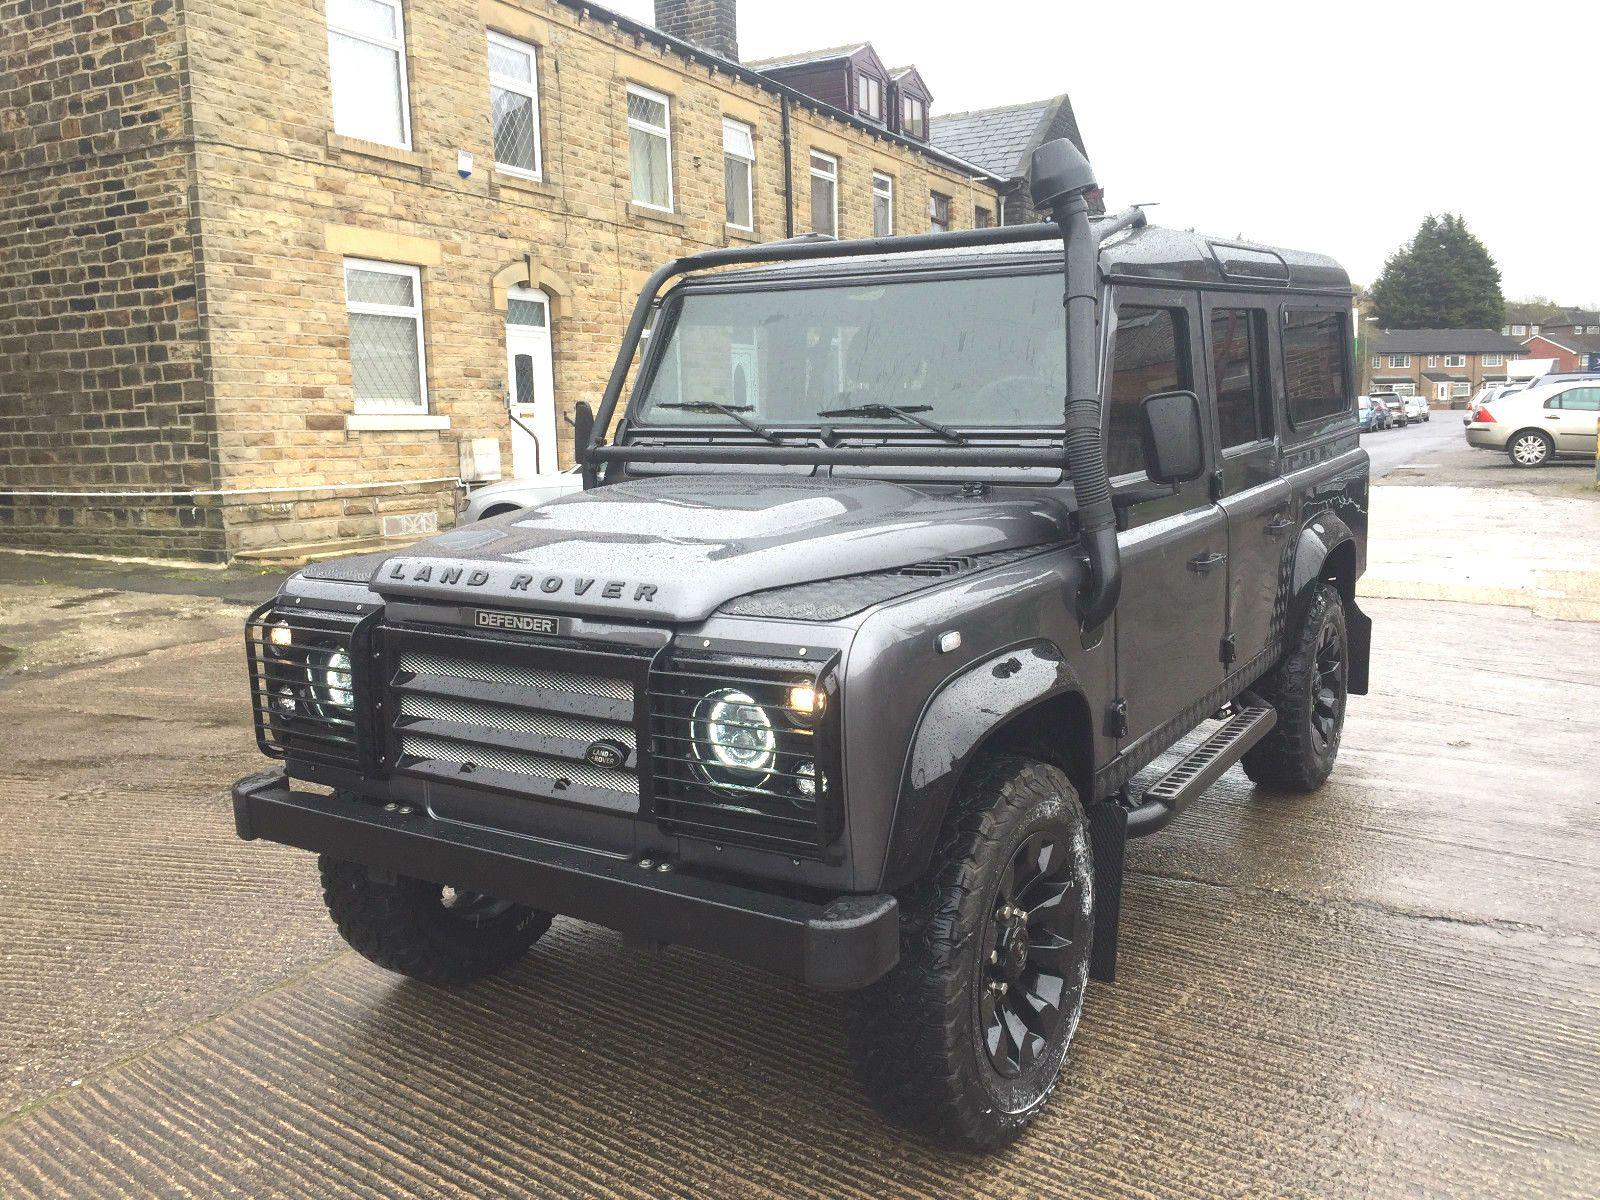 Land Rover Defender Автомобили, Транспортное средство